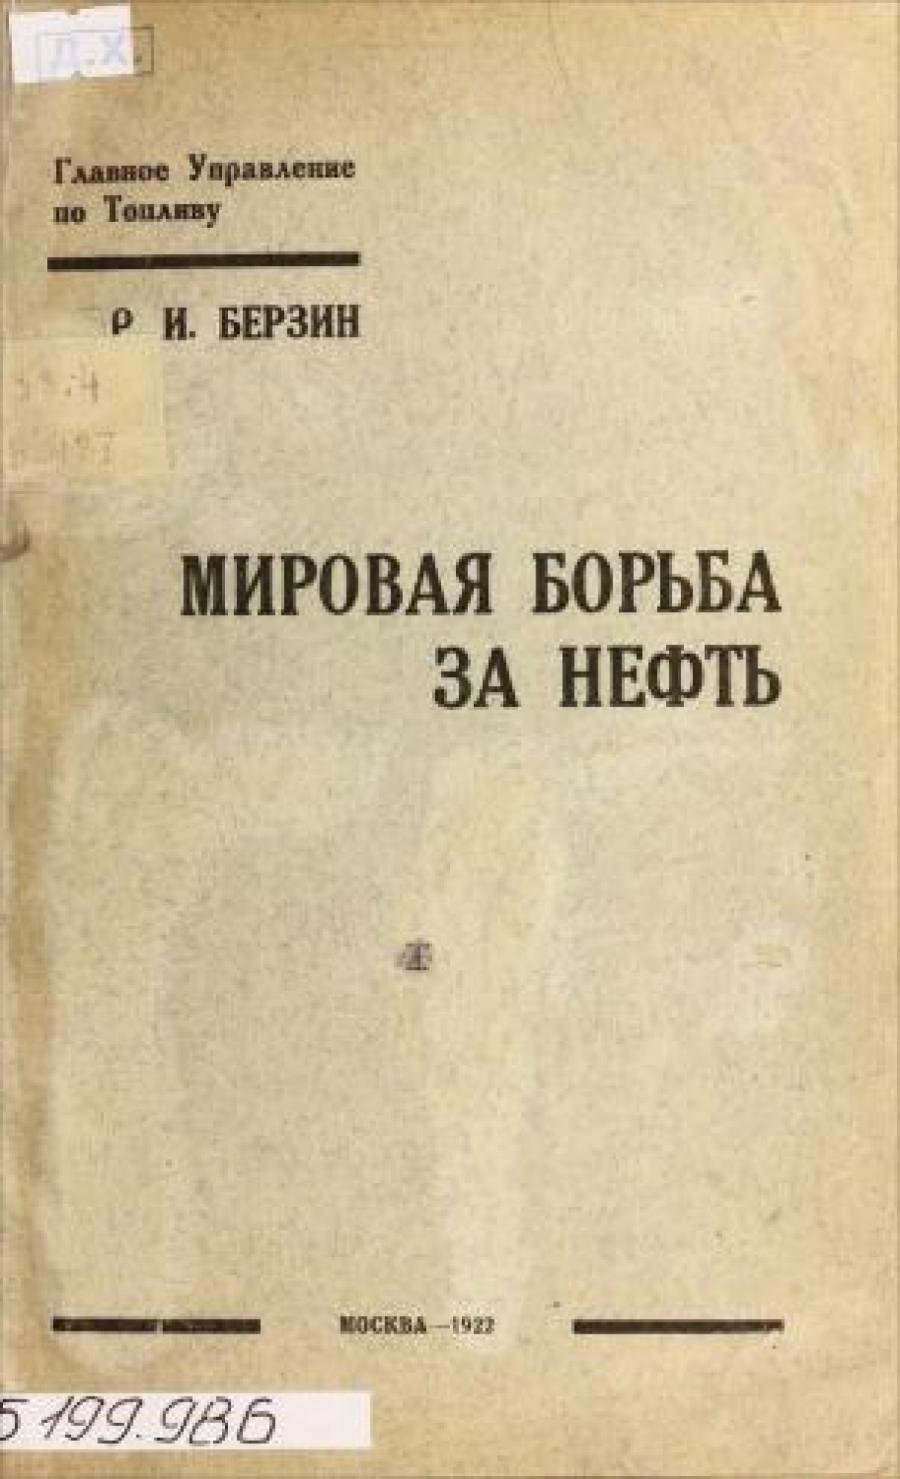 Обложка книги:  берзин р.и. - мировая борьба за нефть